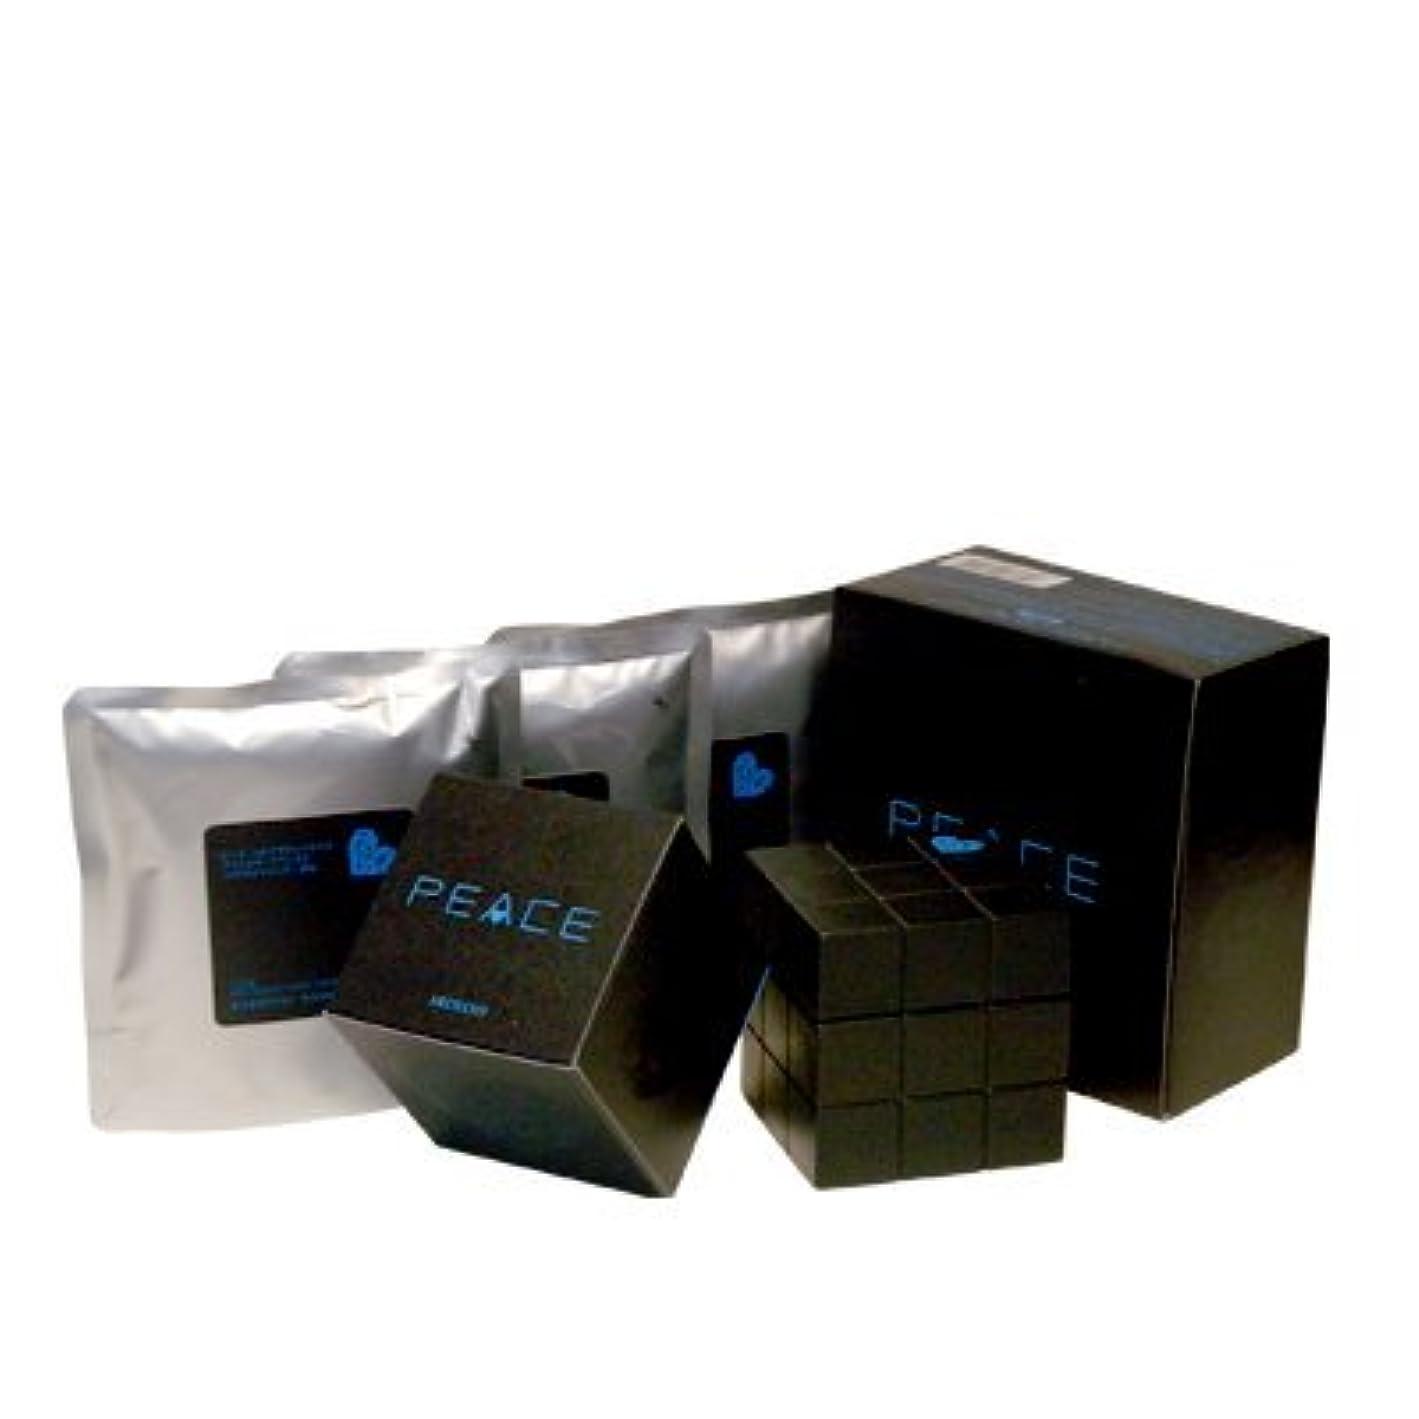 ヨーグルト飼いならす腐敗したアリミノ ピース プロデザインシリーズ フリーズキープワックス ブラック80g+詰め替え80g×3